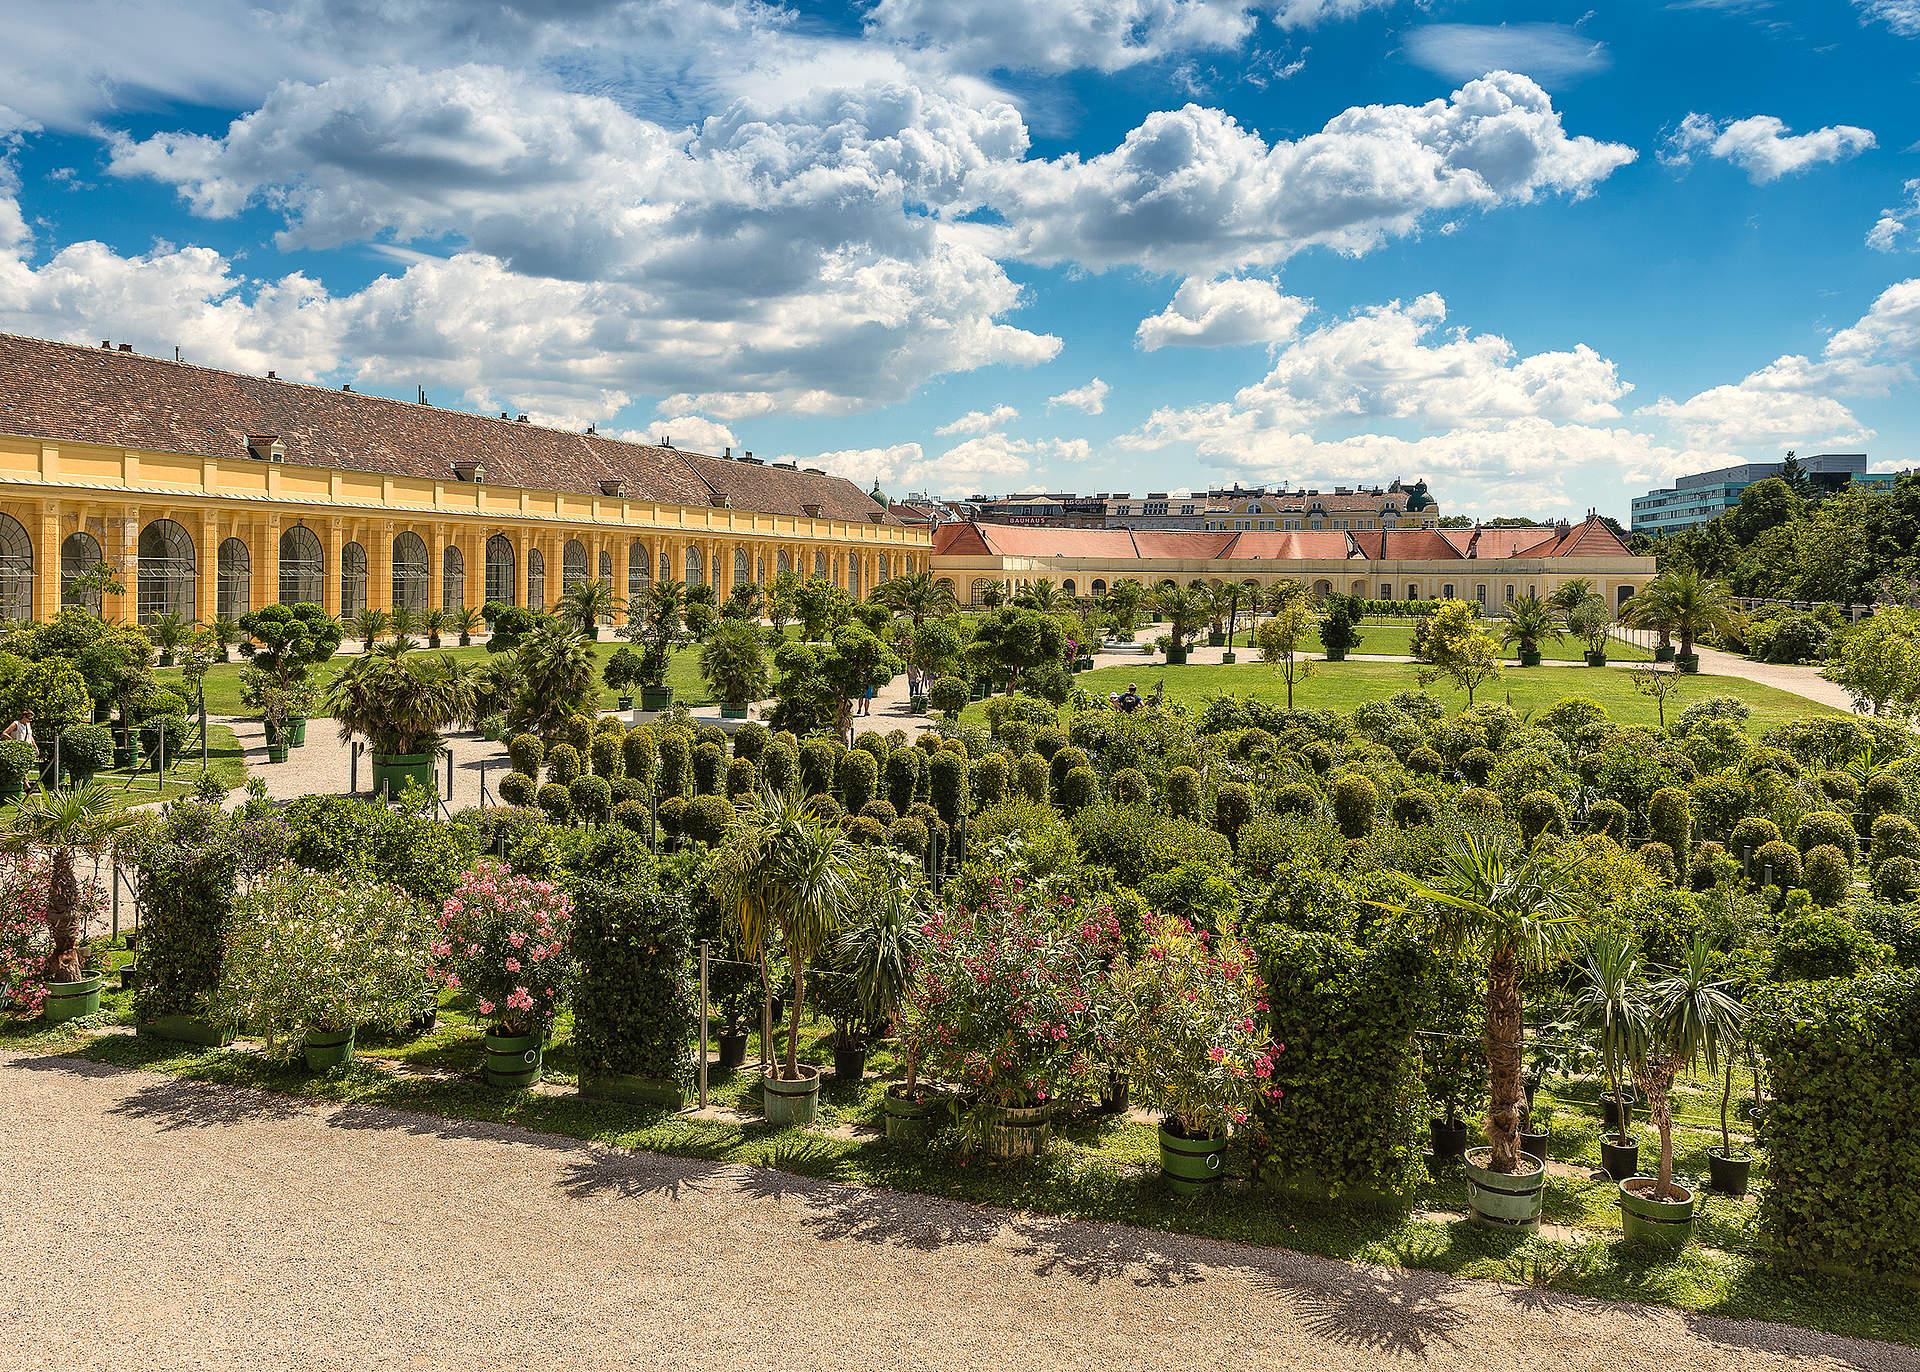 Orangerie Und Weingarten